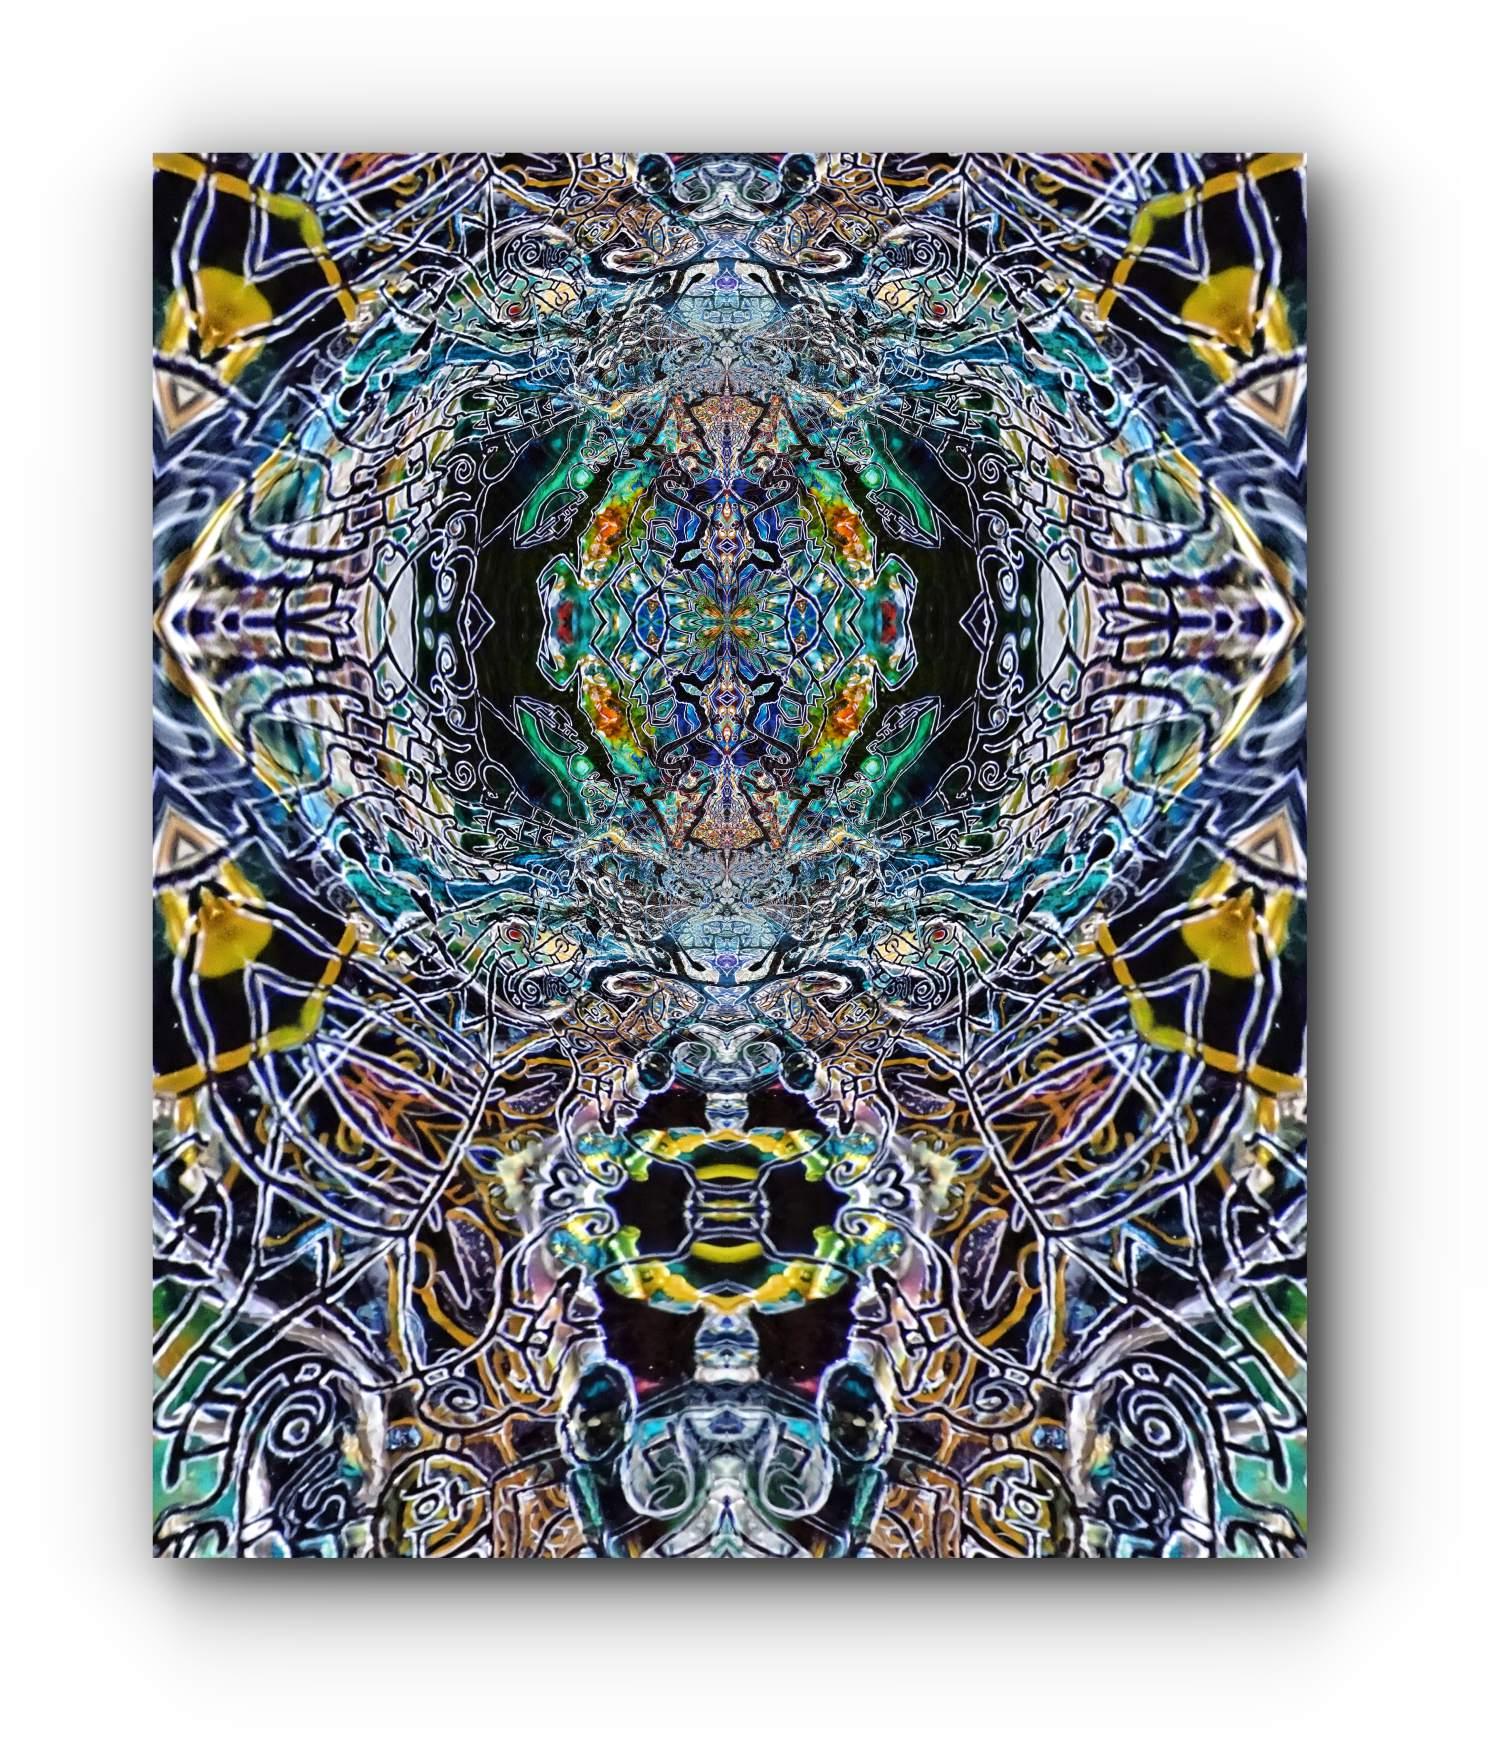 digital-art-intuition-77-artist-duo-ingress-vortices.jpg